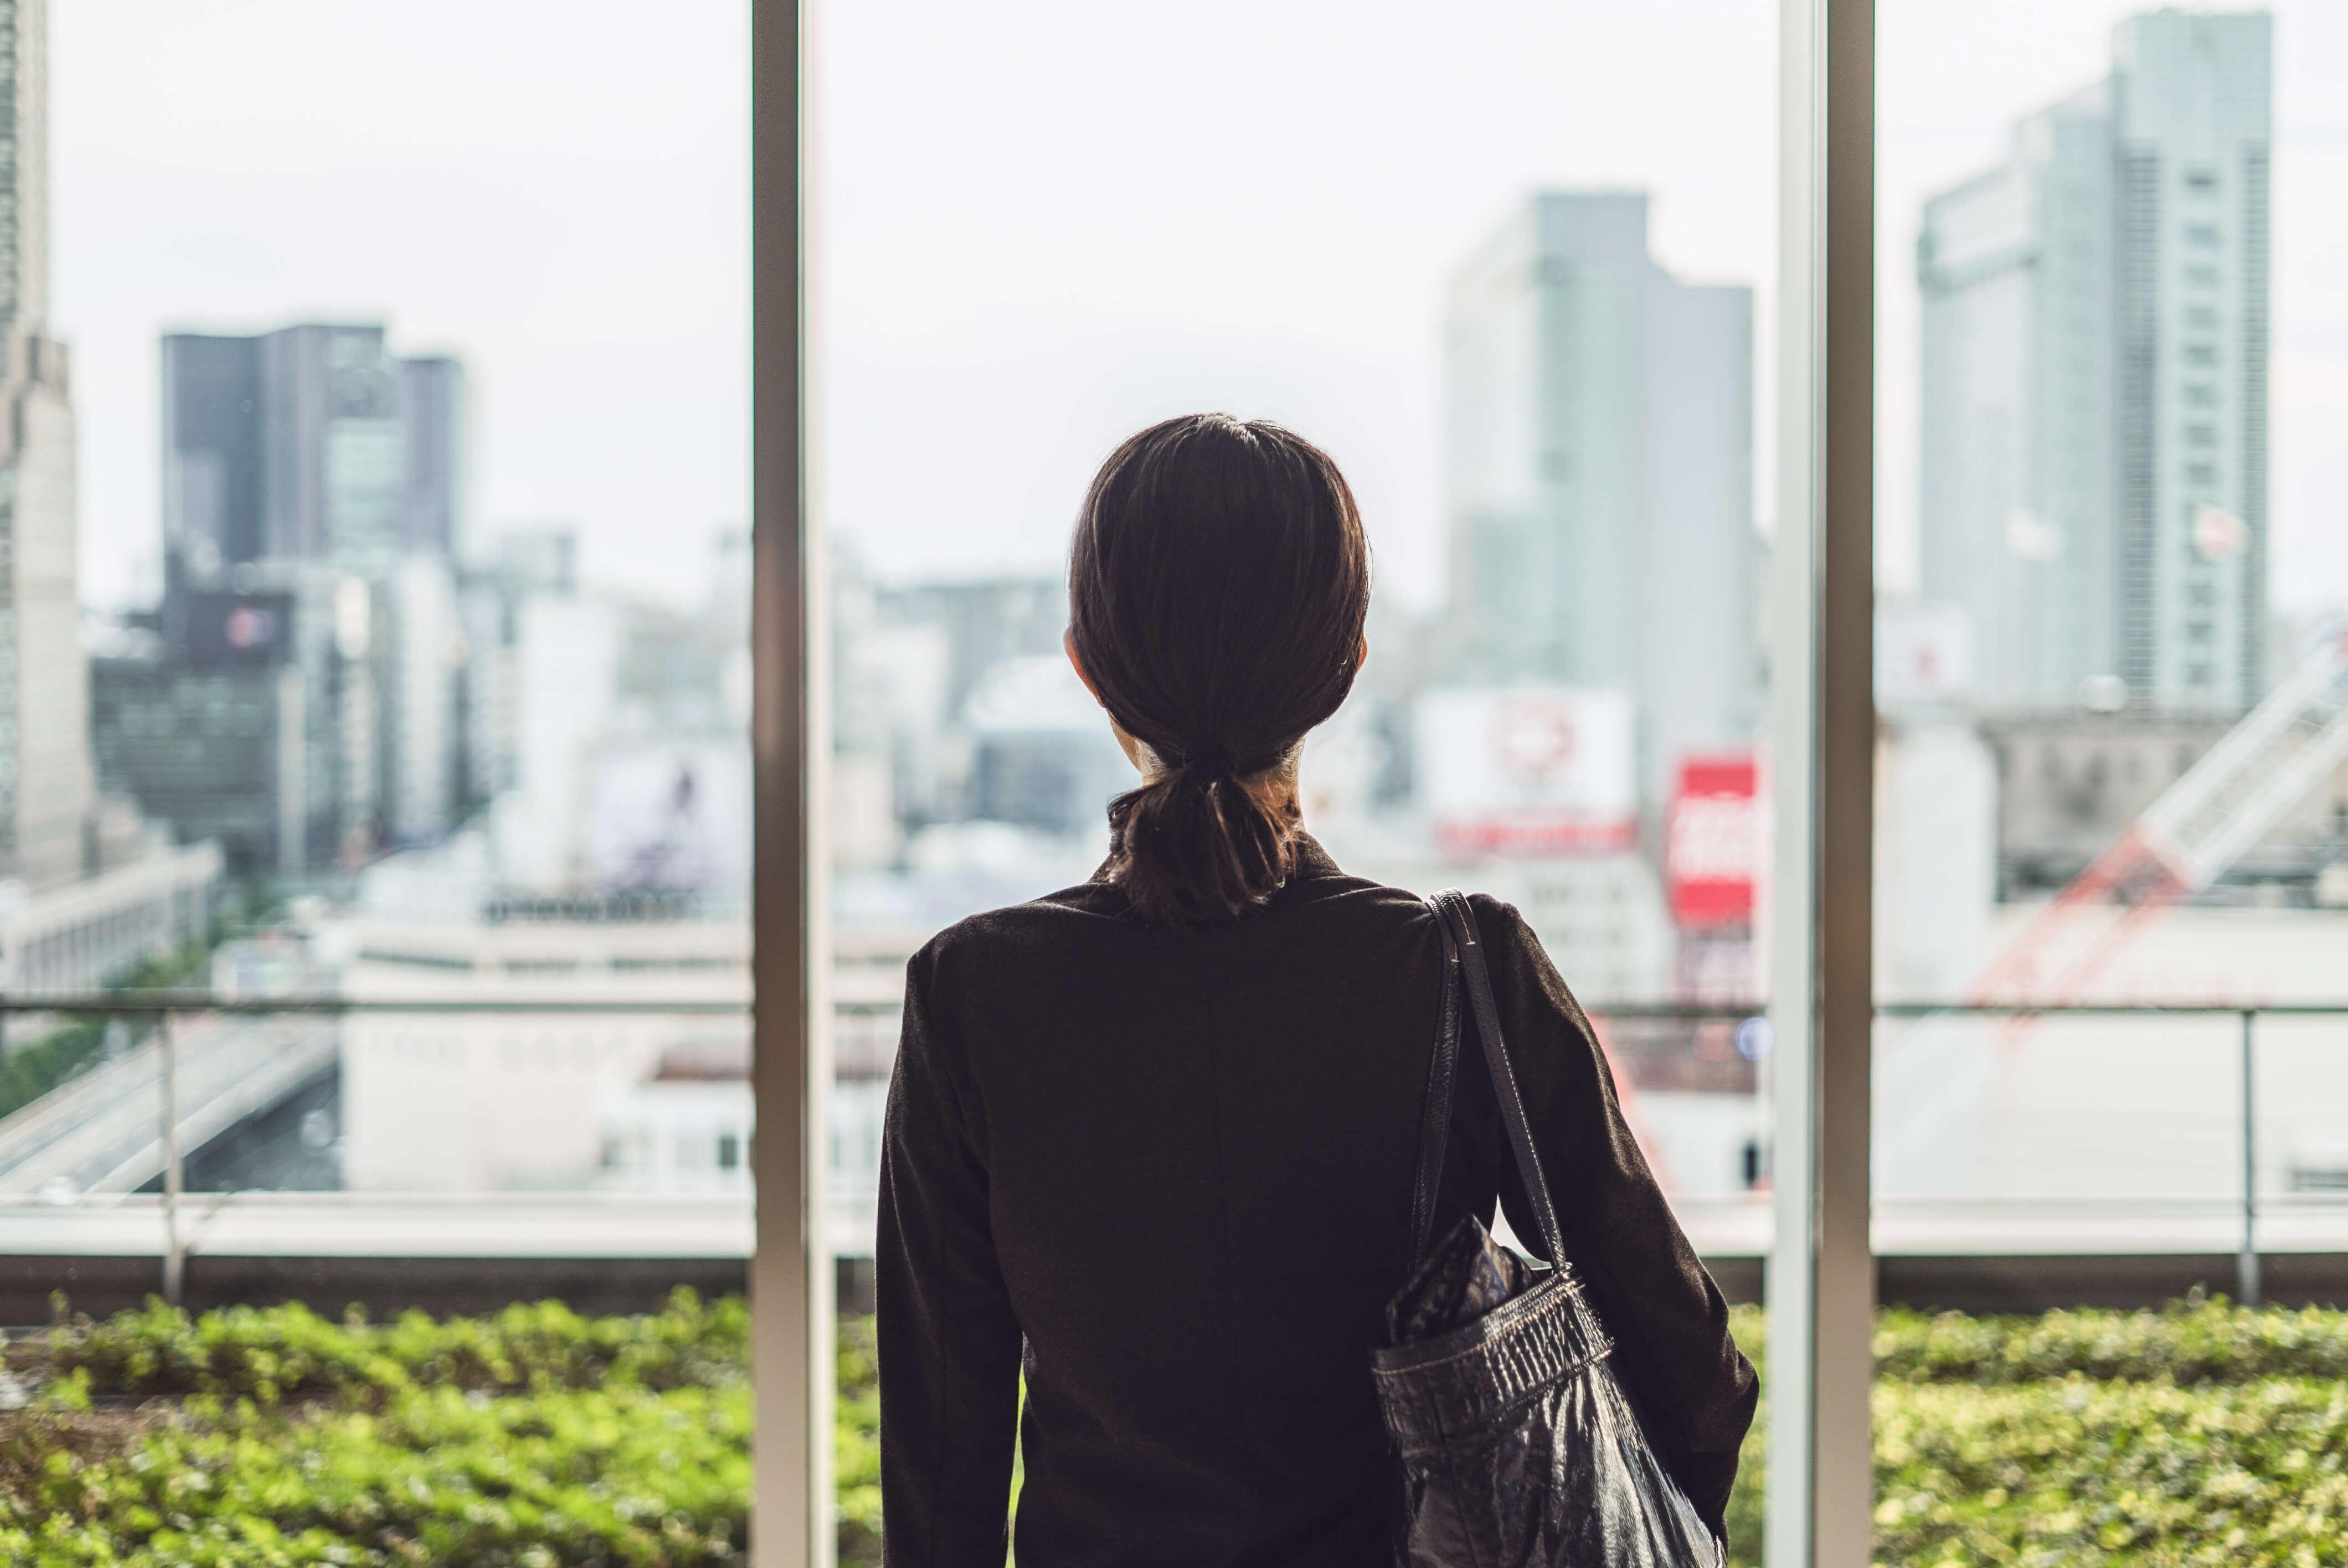 女性向けの転職サイトの上手な使い方やポイントを解説!の画像